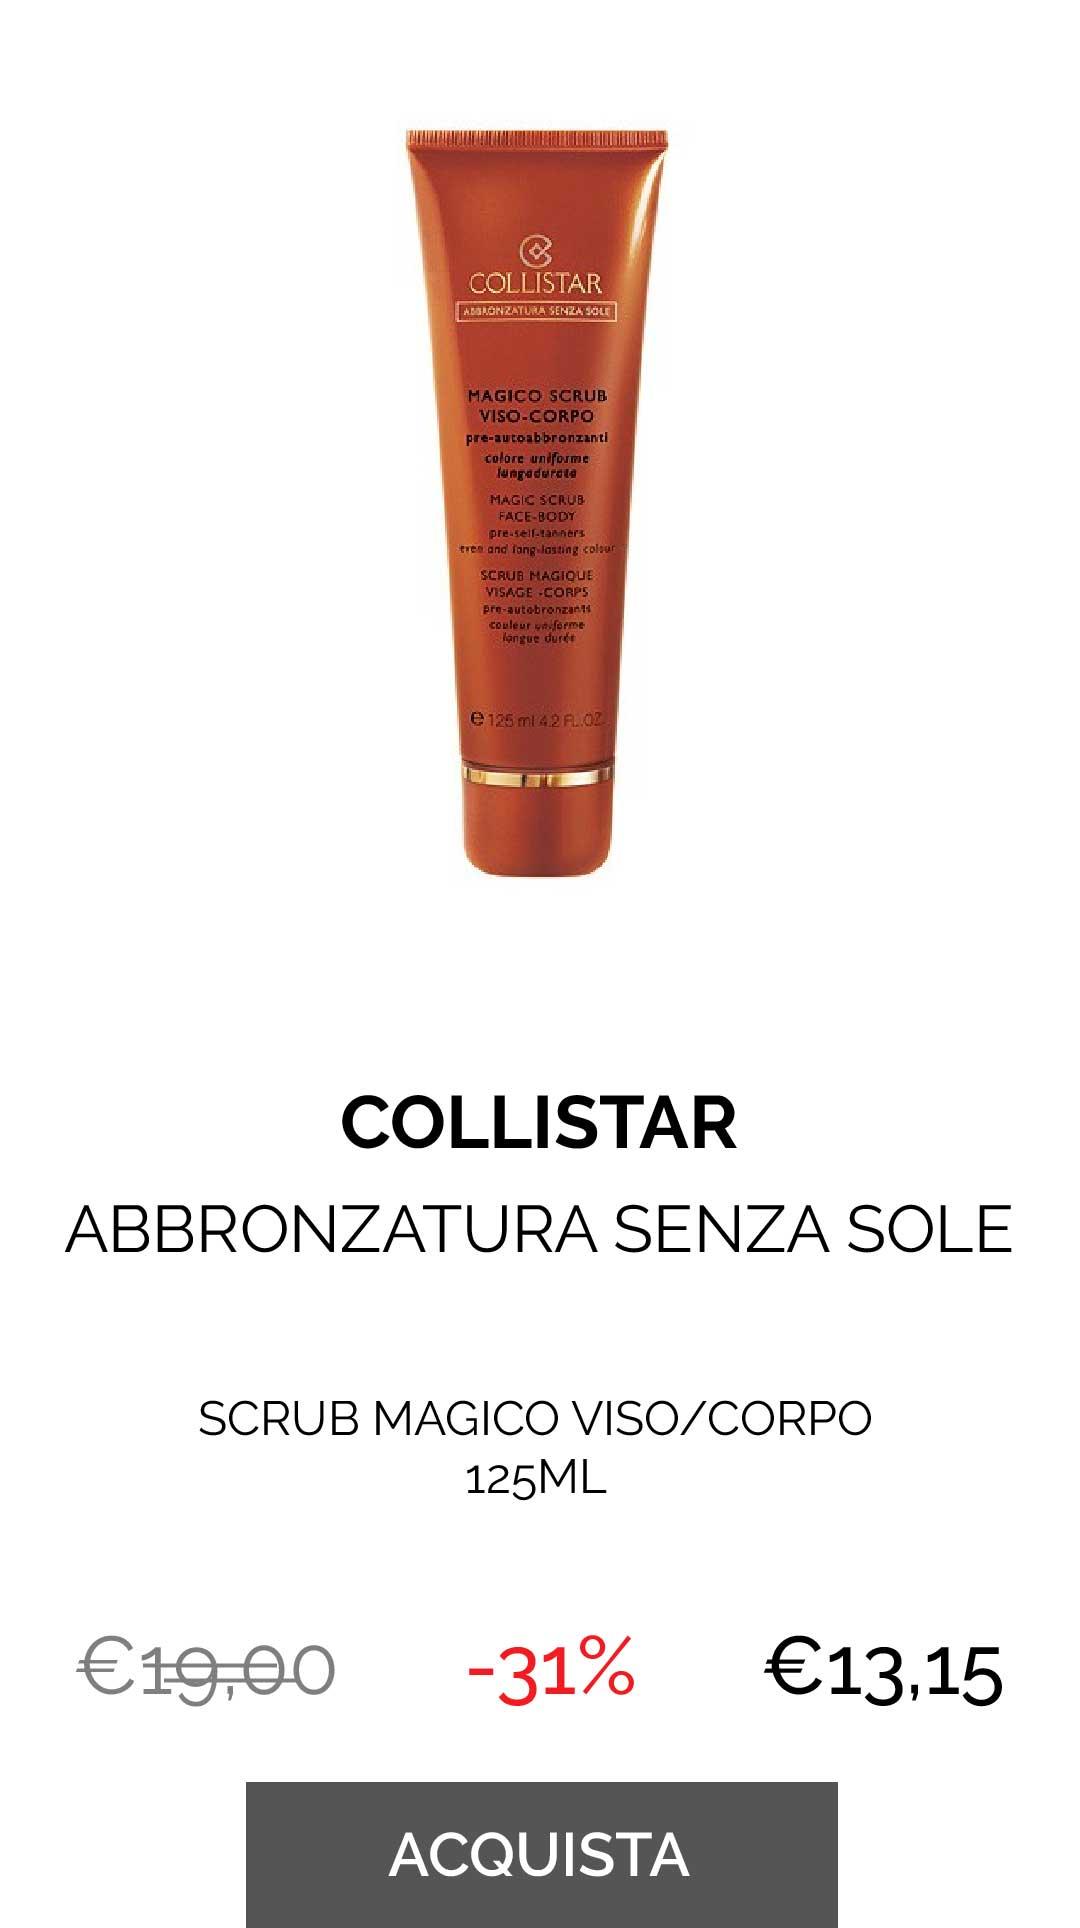 Collistar - SCRUB MAGICO VISO/CORPO 125ML